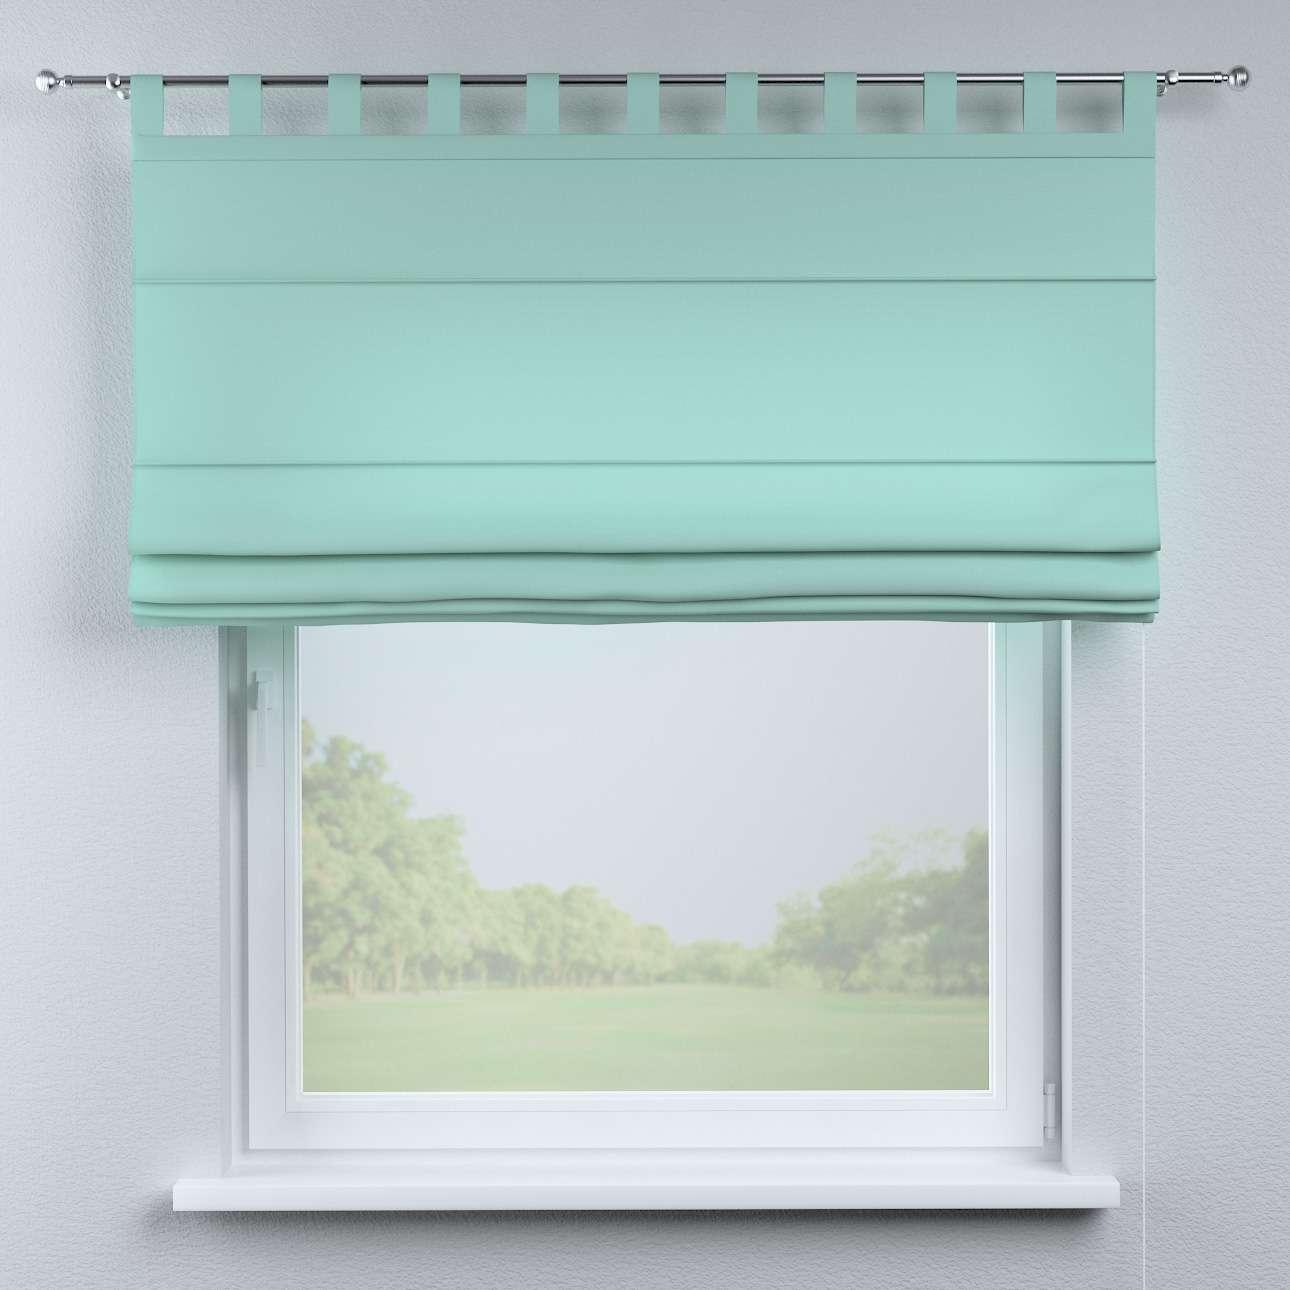 Raffrollo Verona 80 x 170 cm von der Kollektion Loneta, Stoff: 133-32